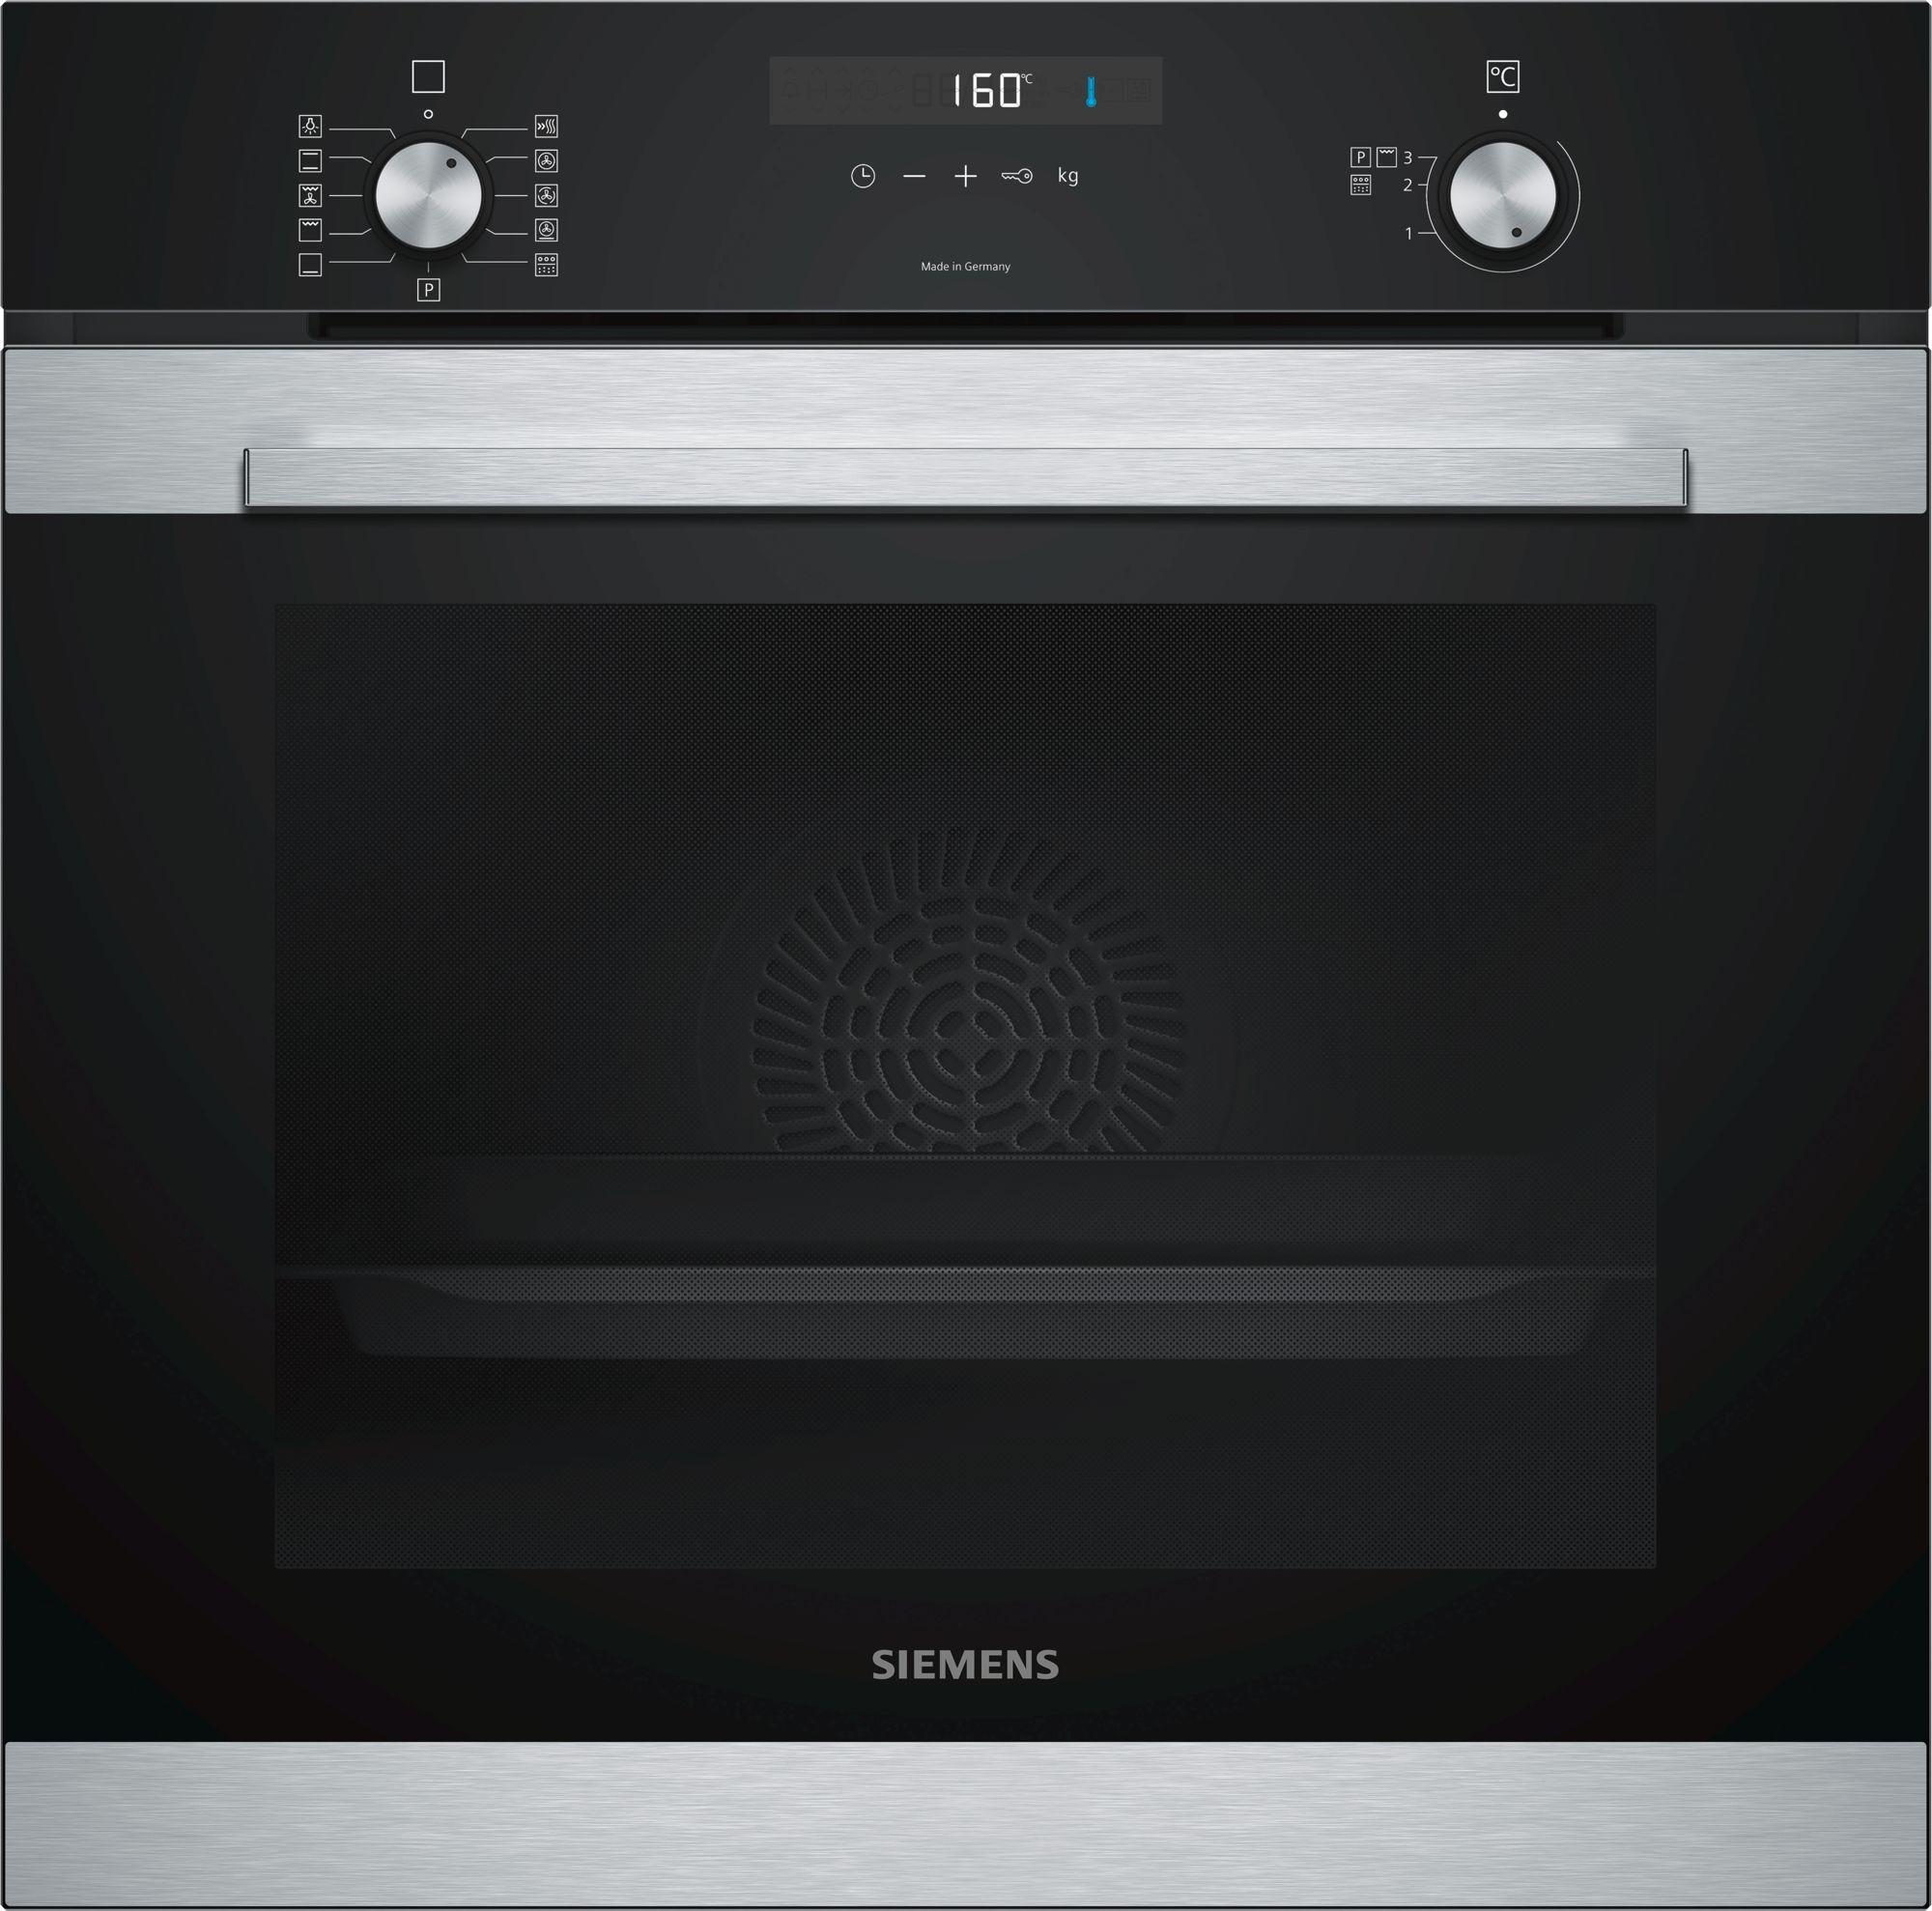 Siemens HB356G0S0 inbouw oven